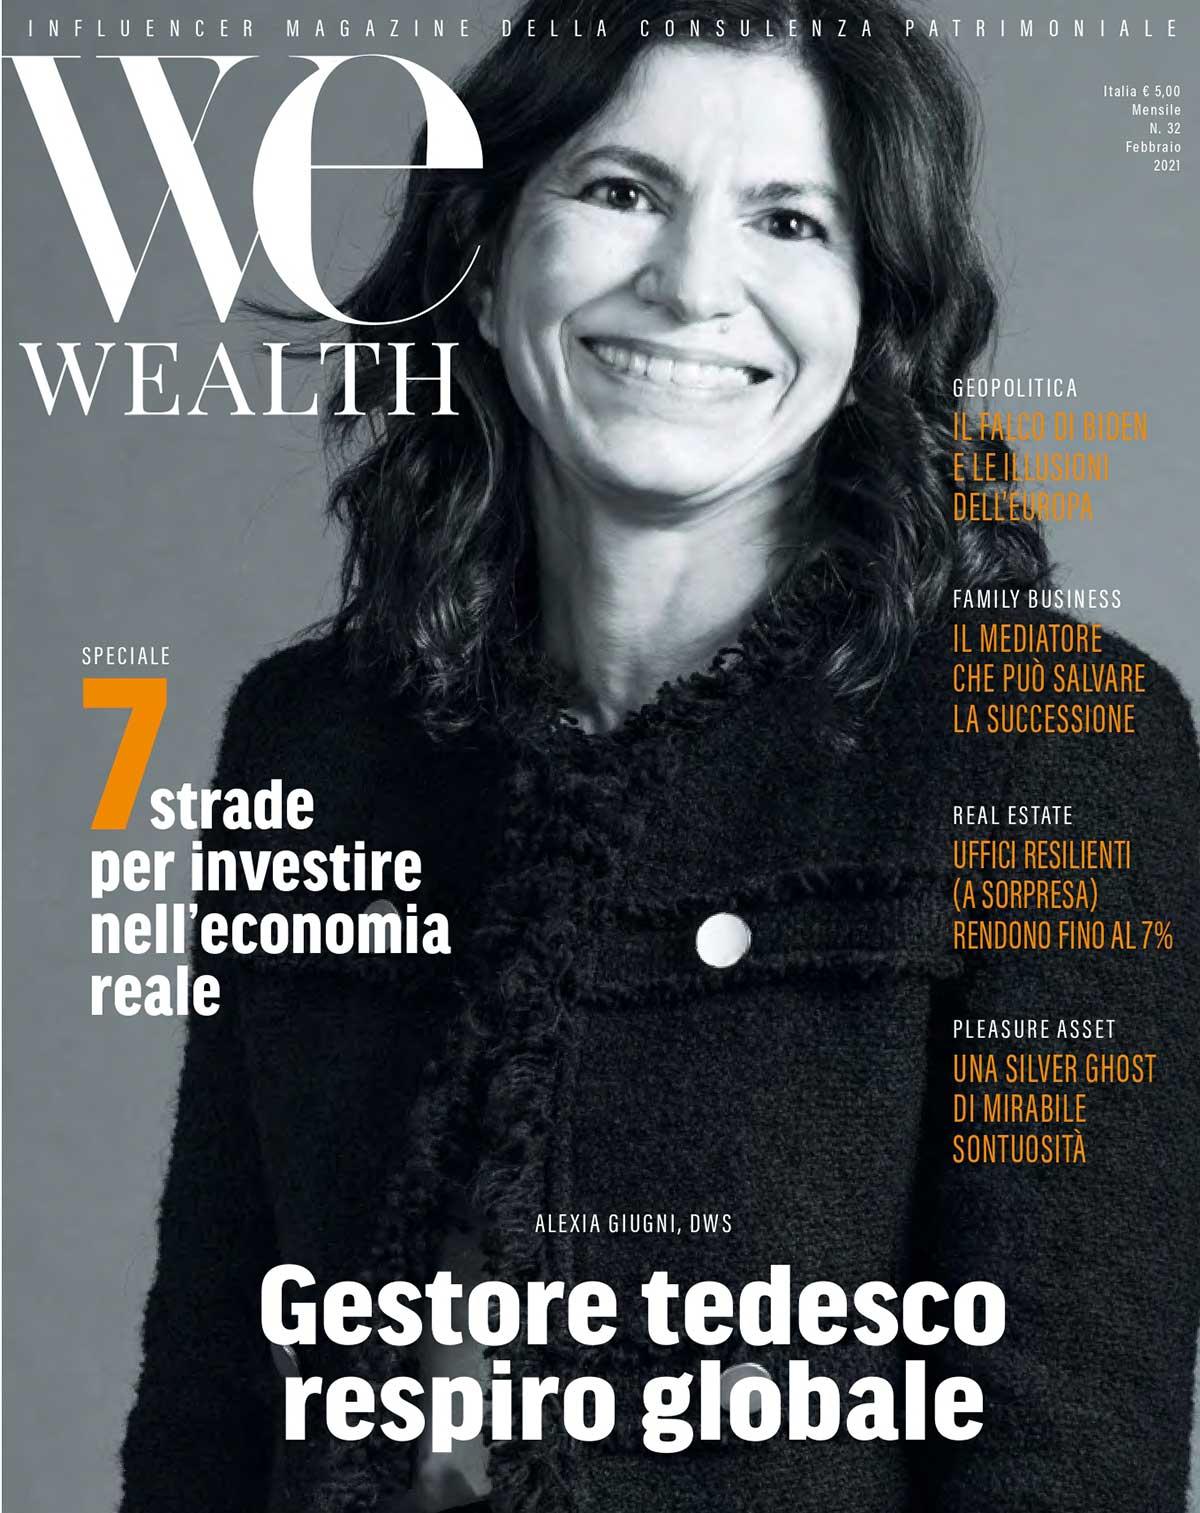 We wealth ClubDealOnline